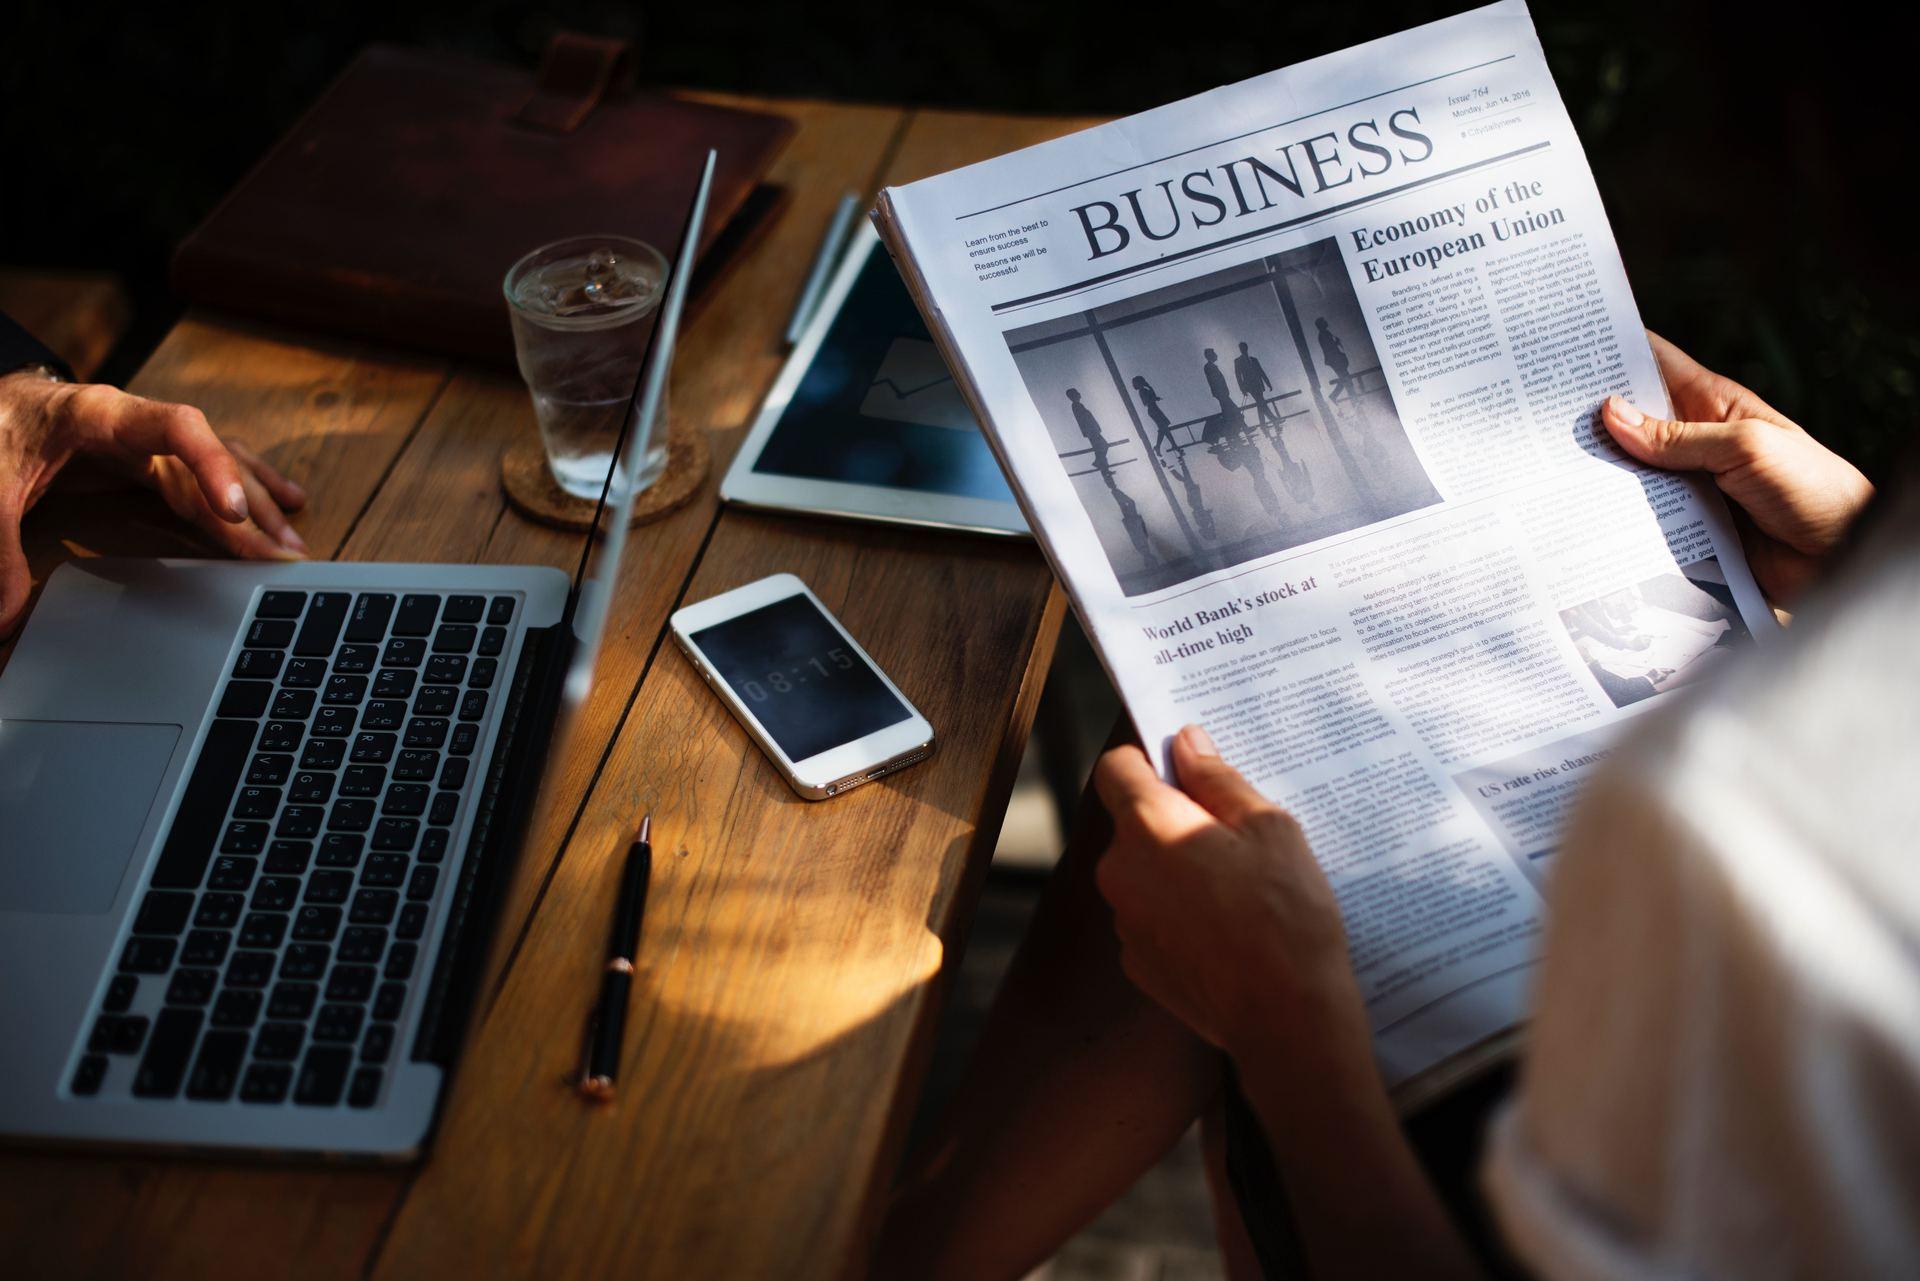 A PALERMO PER LAVORO? PROMO BUSINESS